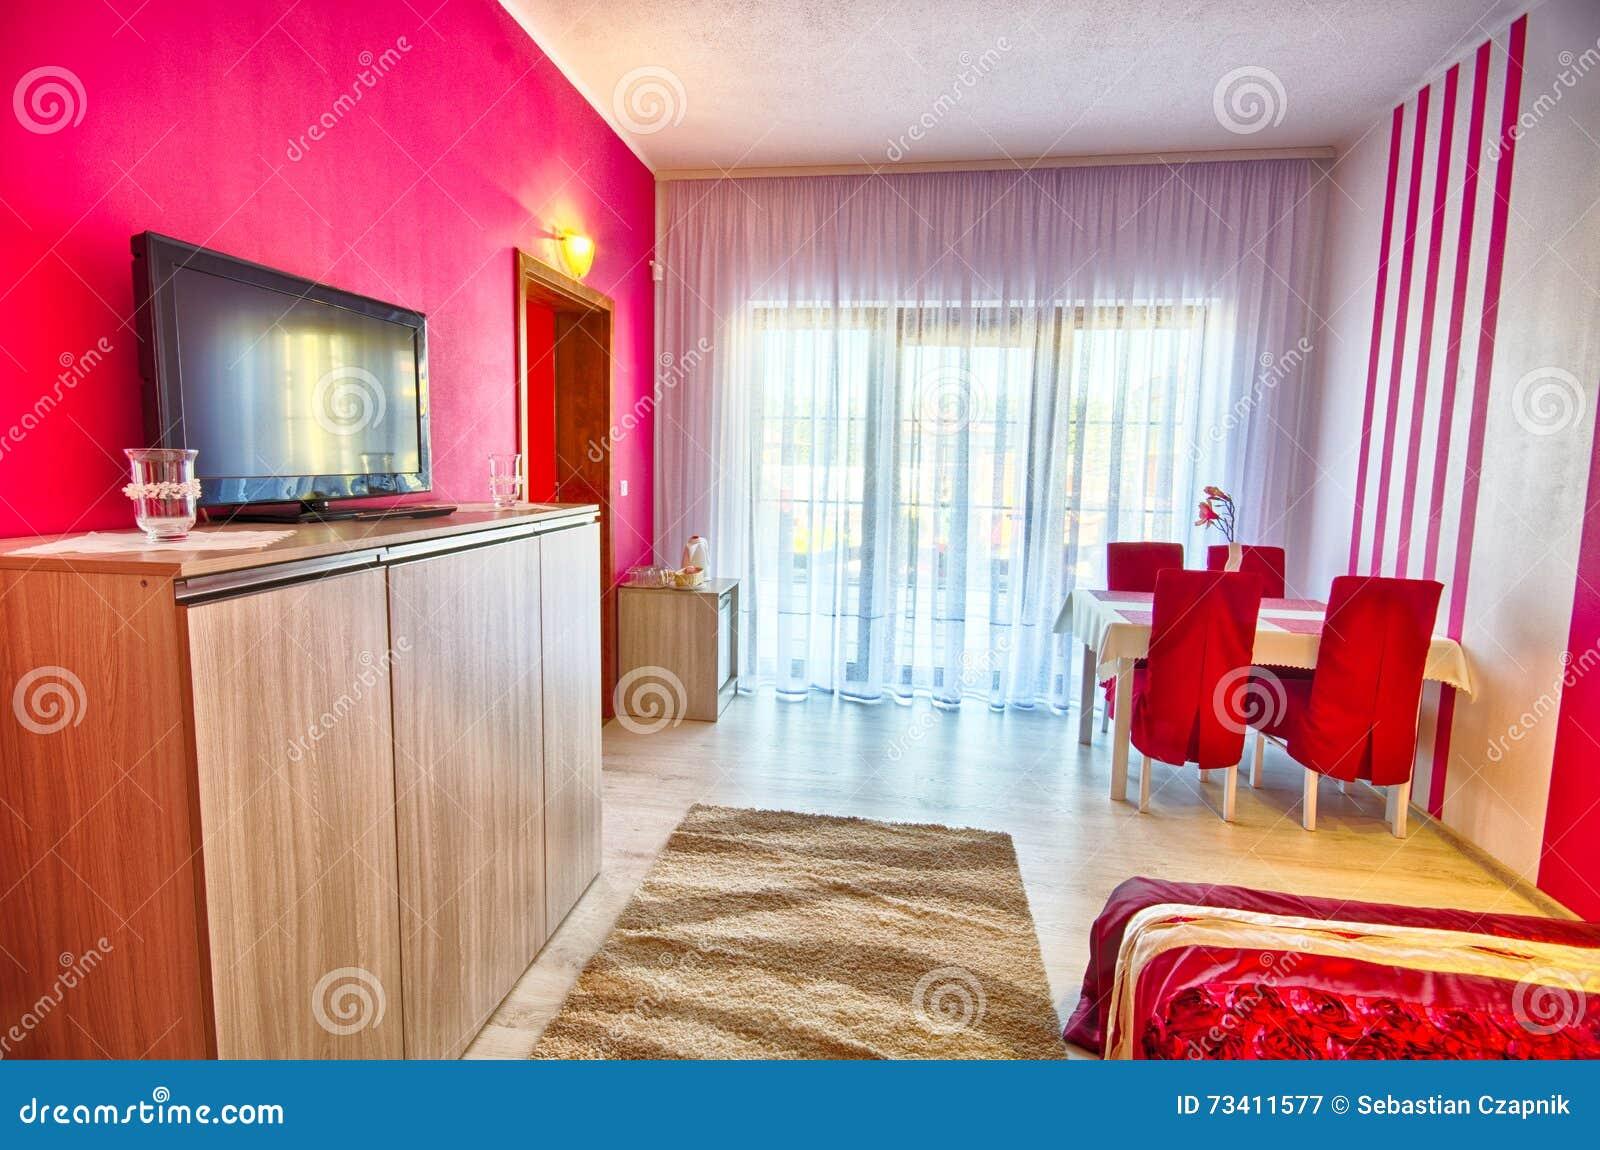 Camera Da Letto Moderna Rossa E Bianca Immagine Stock - Immagine di ...